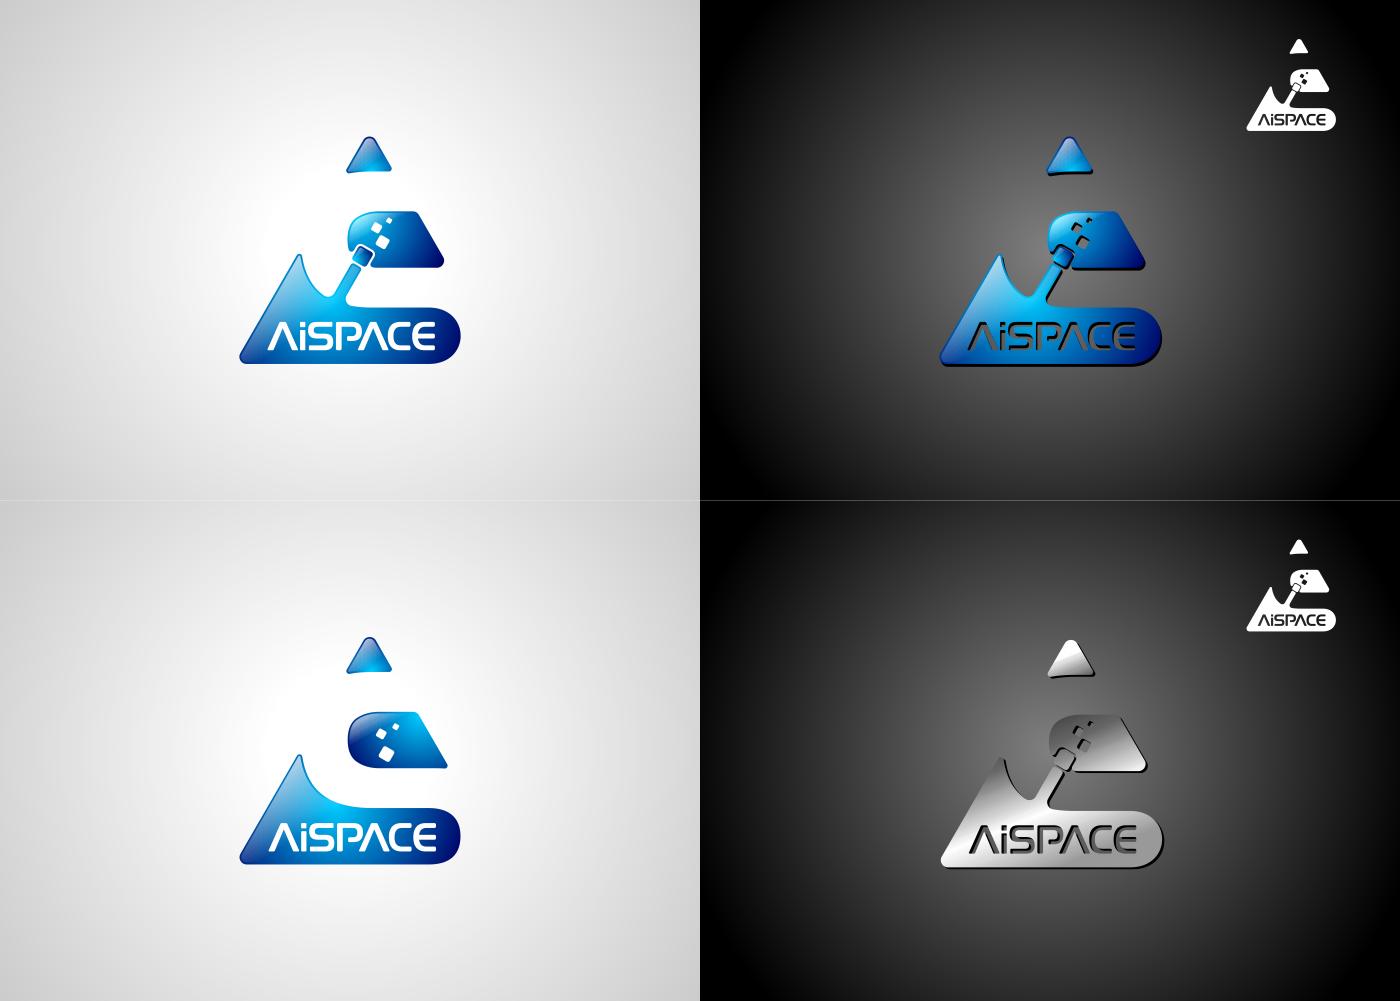 Разработать логотип и фирменный стиль для компании AiSpace фото f_50651af4fd39421d.png